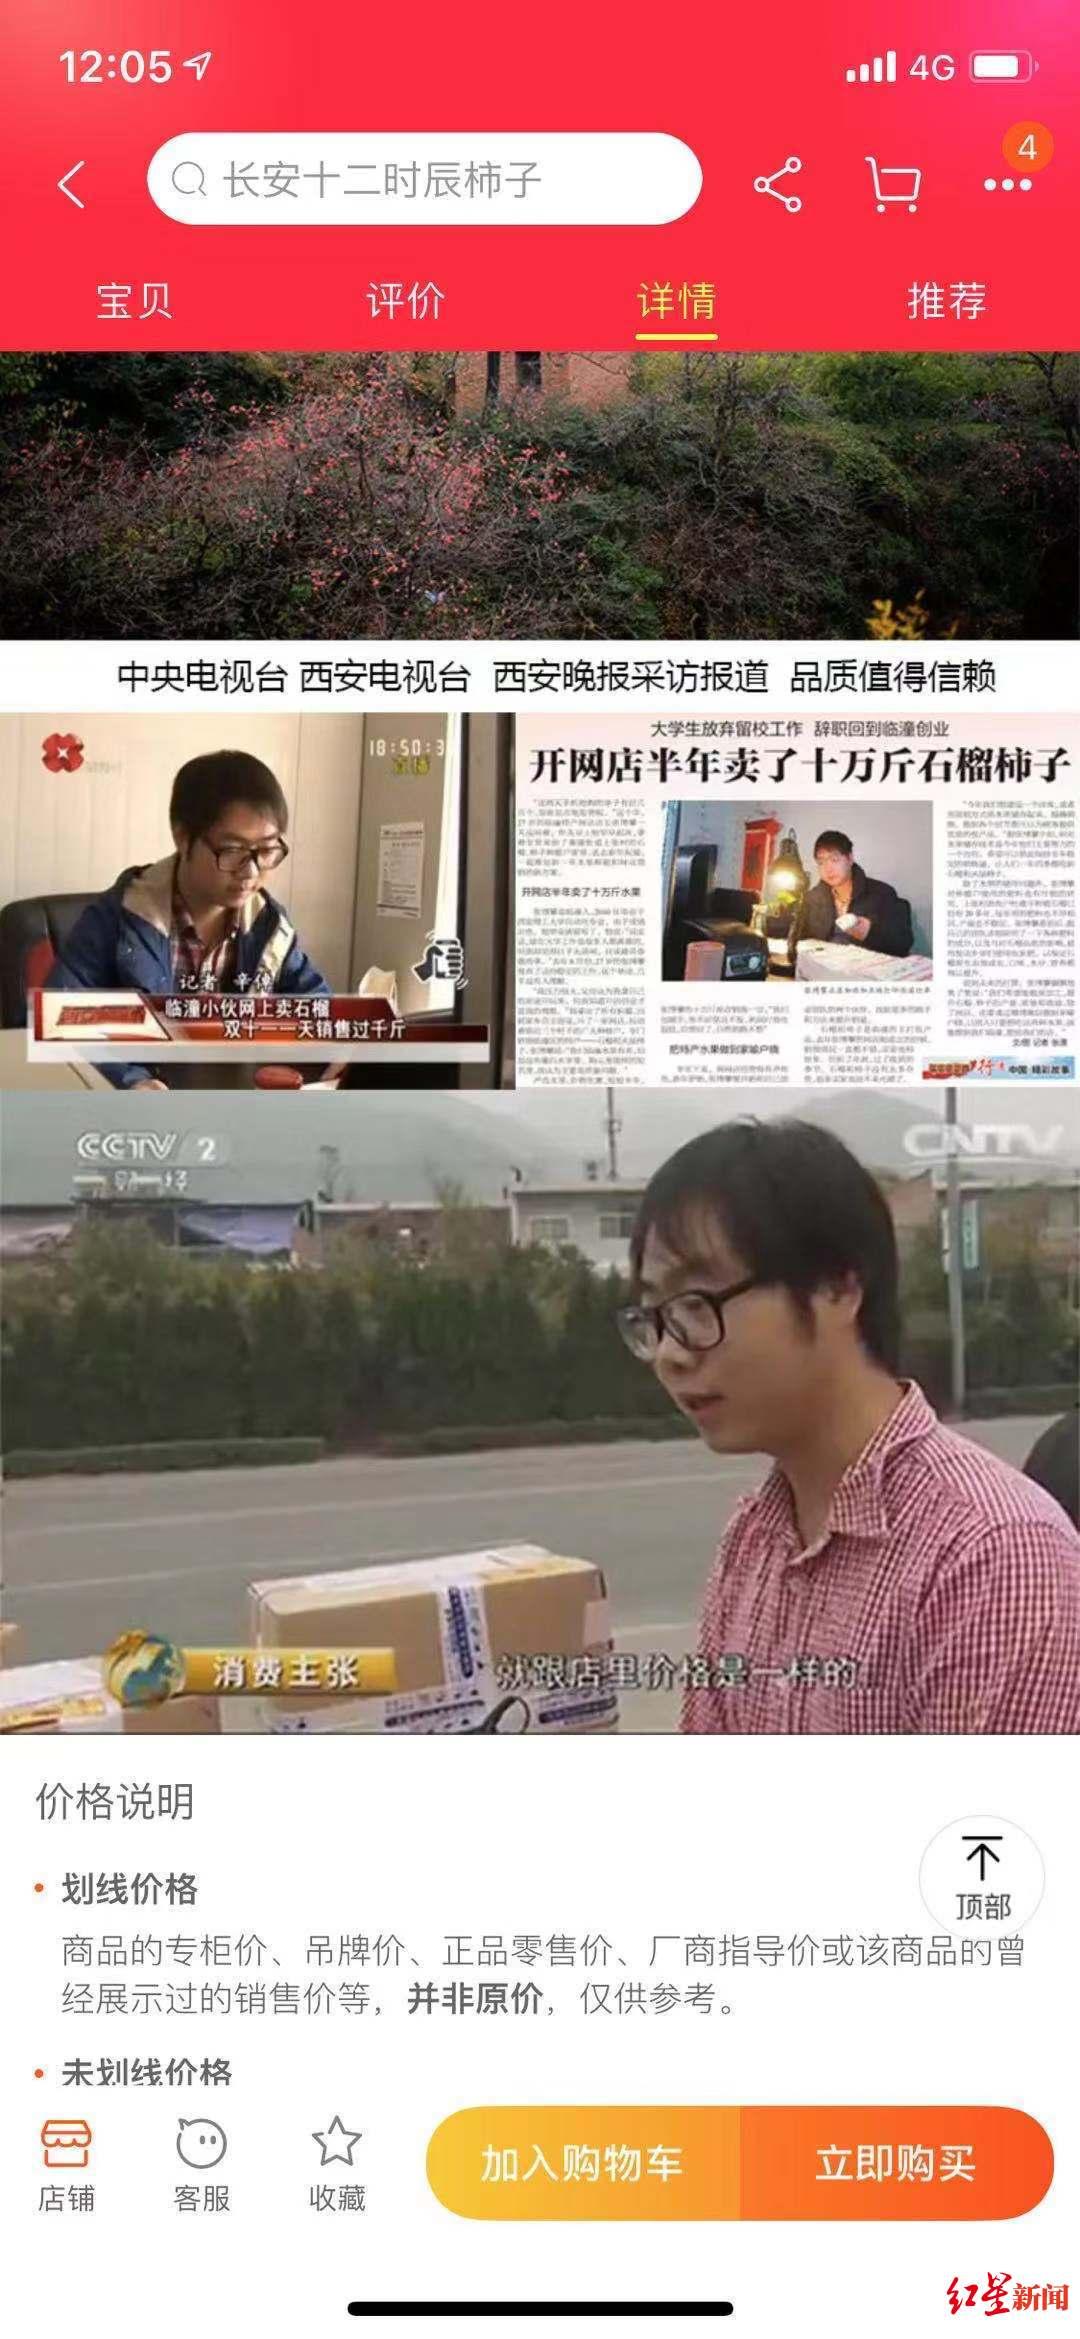 中信真人娱乐_李菁菁宣布退圈带孩子,娱乐圈明星退隐原因五花八门